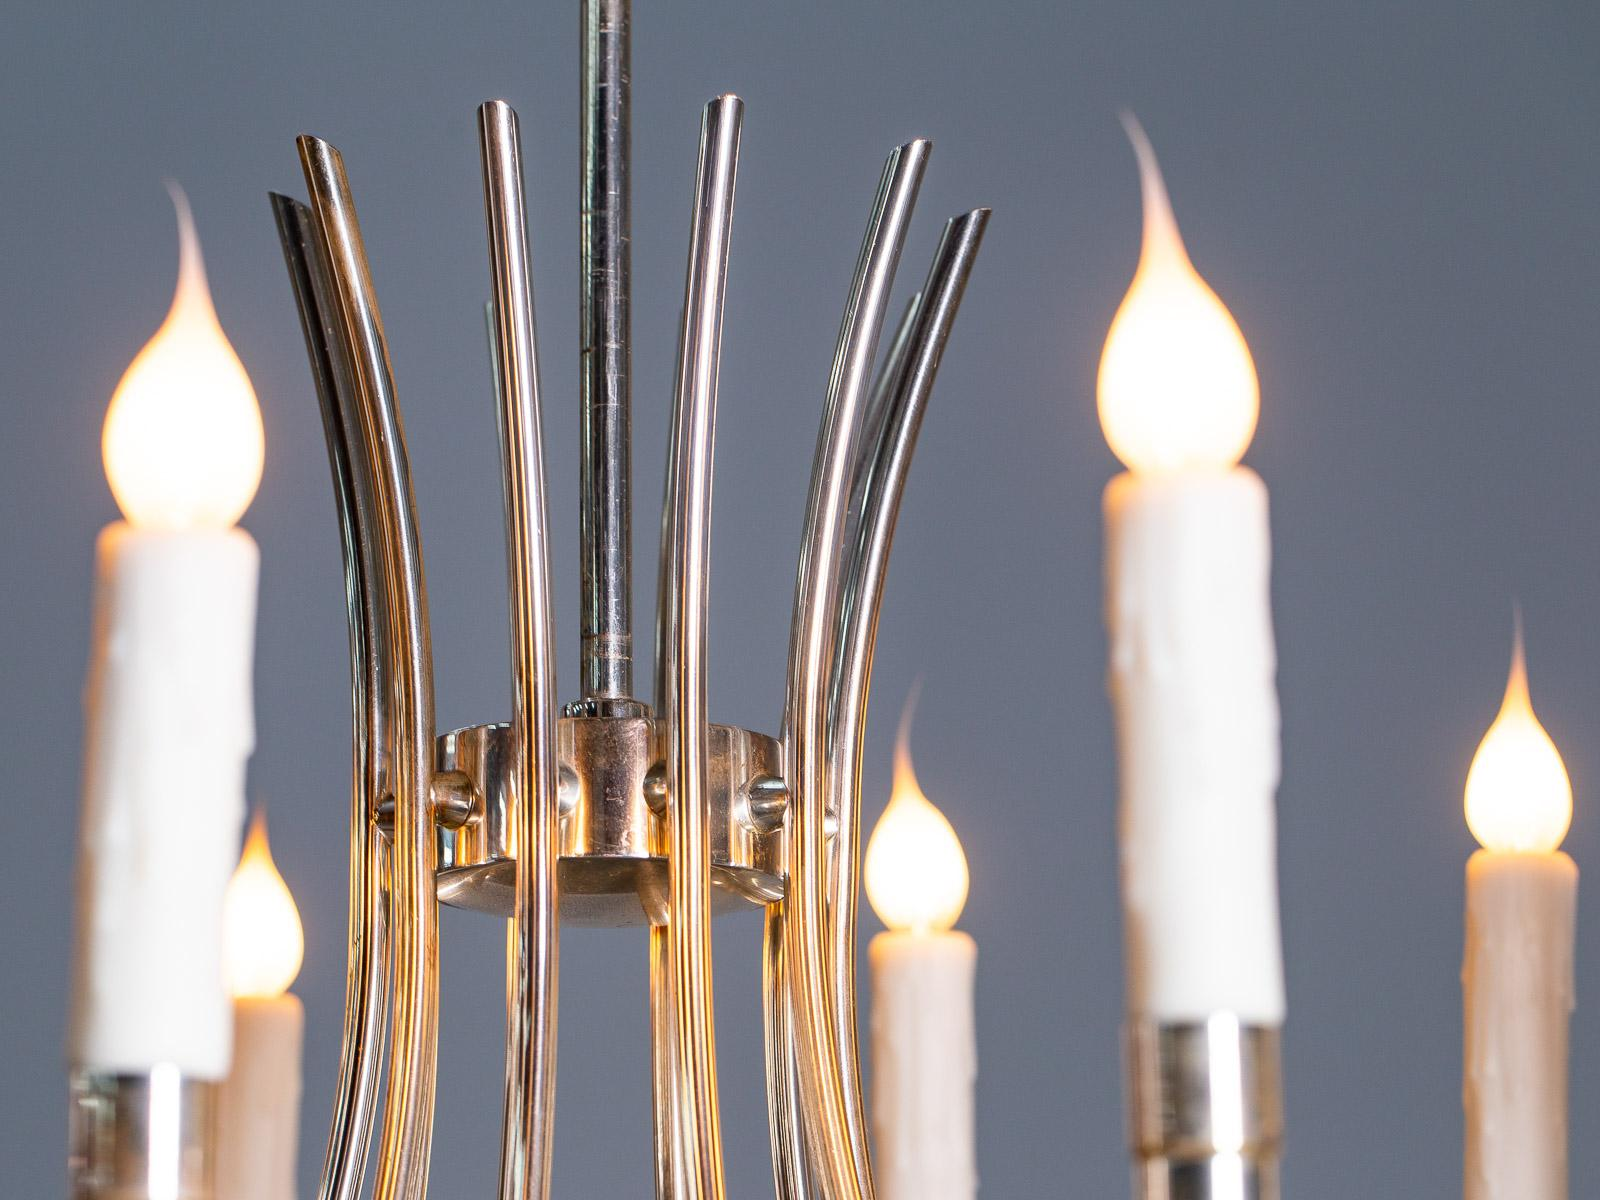 Kronleuchter Vintage Silber ~ Vintage italienischer kronleuchter mit zehn lichtern aus silber